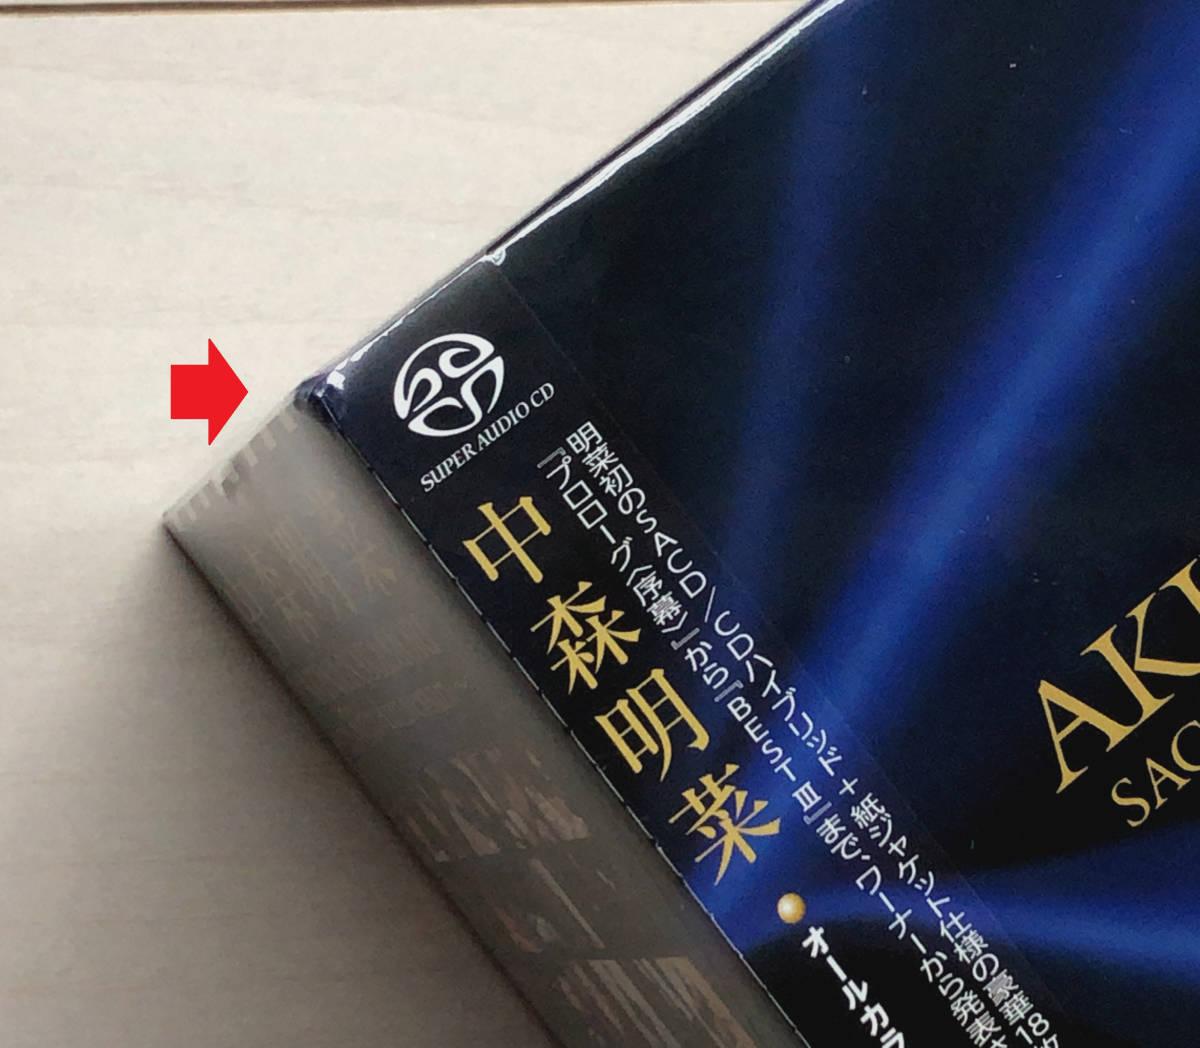 ◆新品未開封◆完全生産限定盤◆紙ジャケット◆AKINA BOX SACD/CD Hybrid Edition 1982-1991◆30周年記念◆紙ジャケ◆中森明菜◆ボックス_画像8